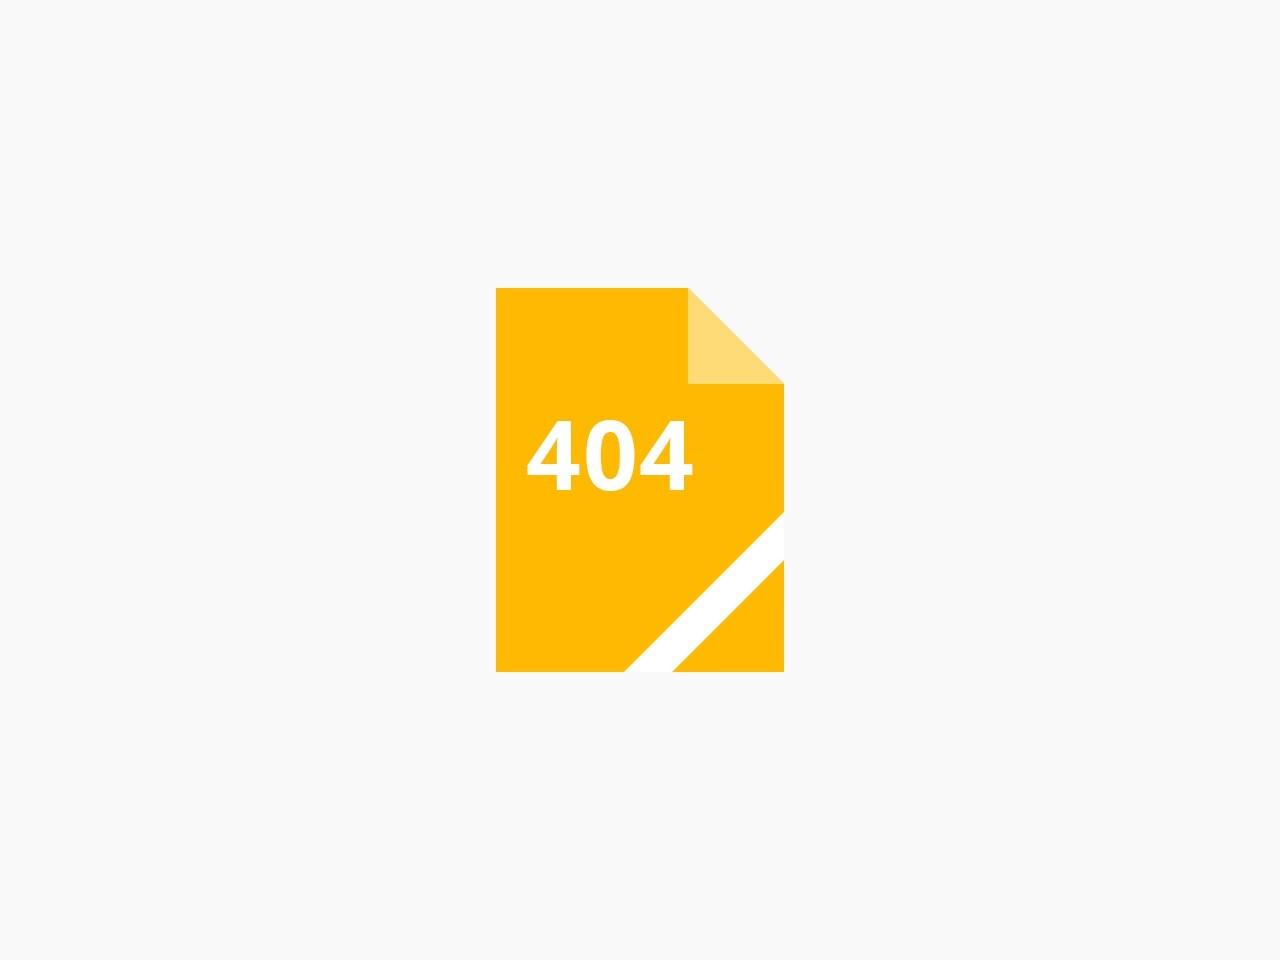 【北京二手房】北京二手房出售信息_北京租房信息-乐居北京二手房